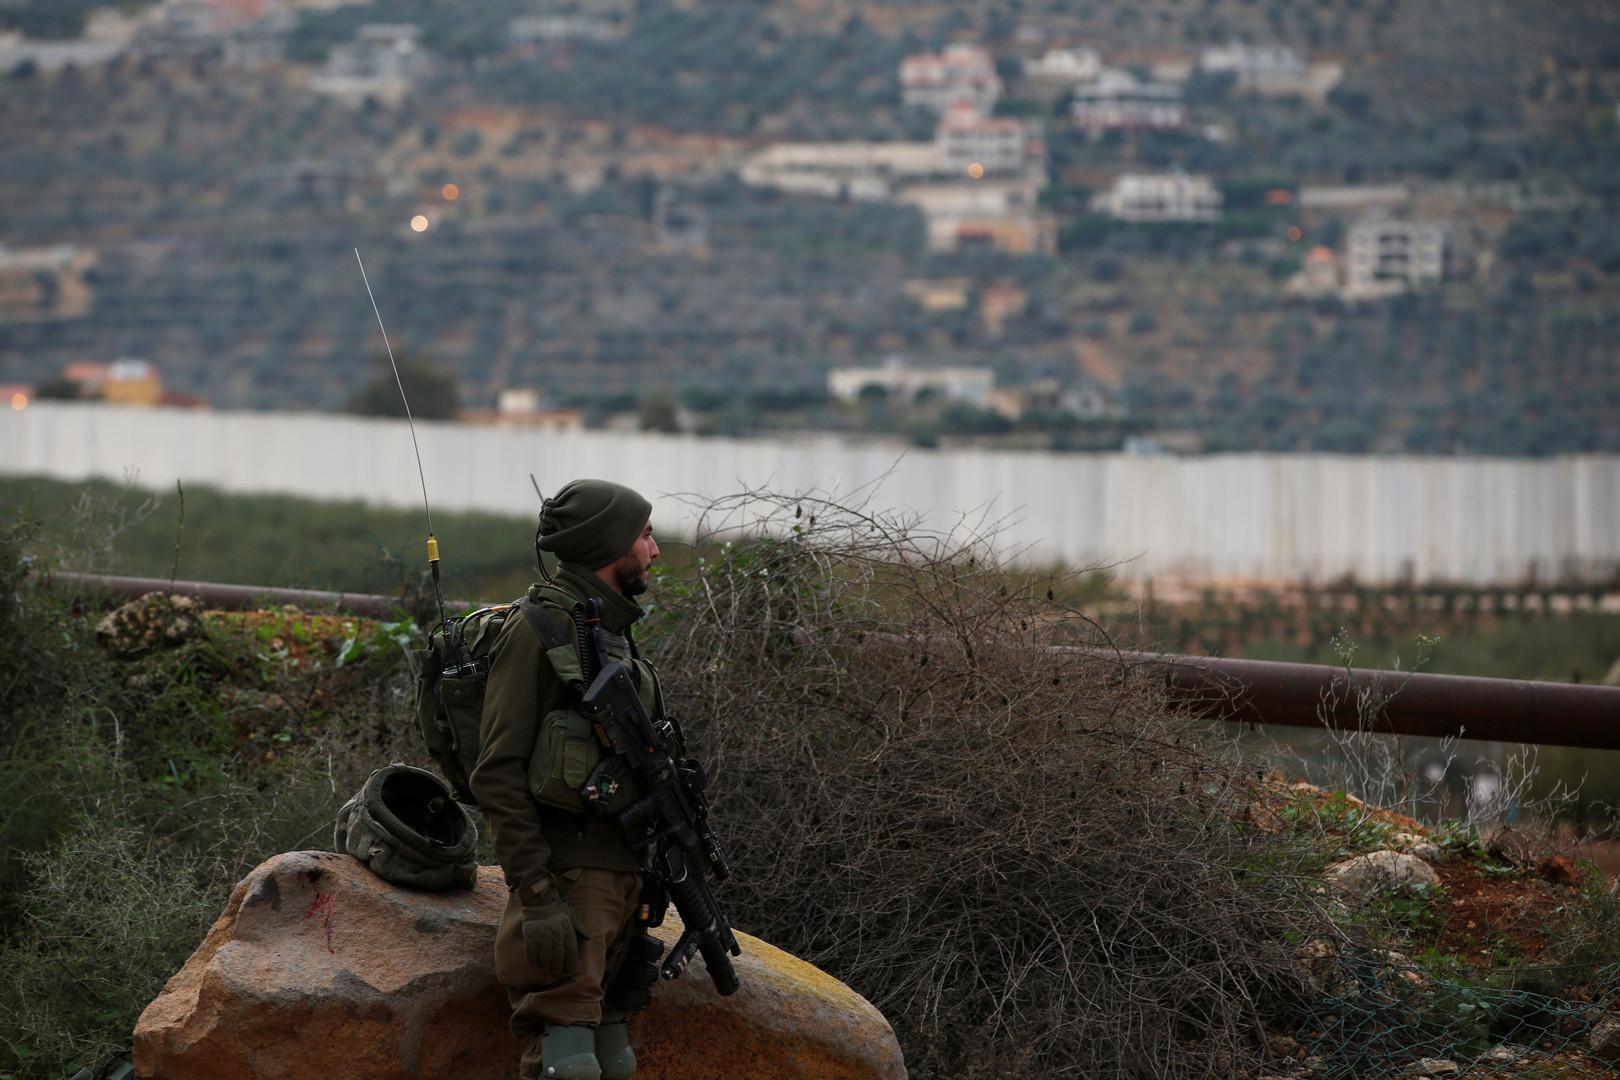 الجيش الإسرائيلي يطلق صافرات